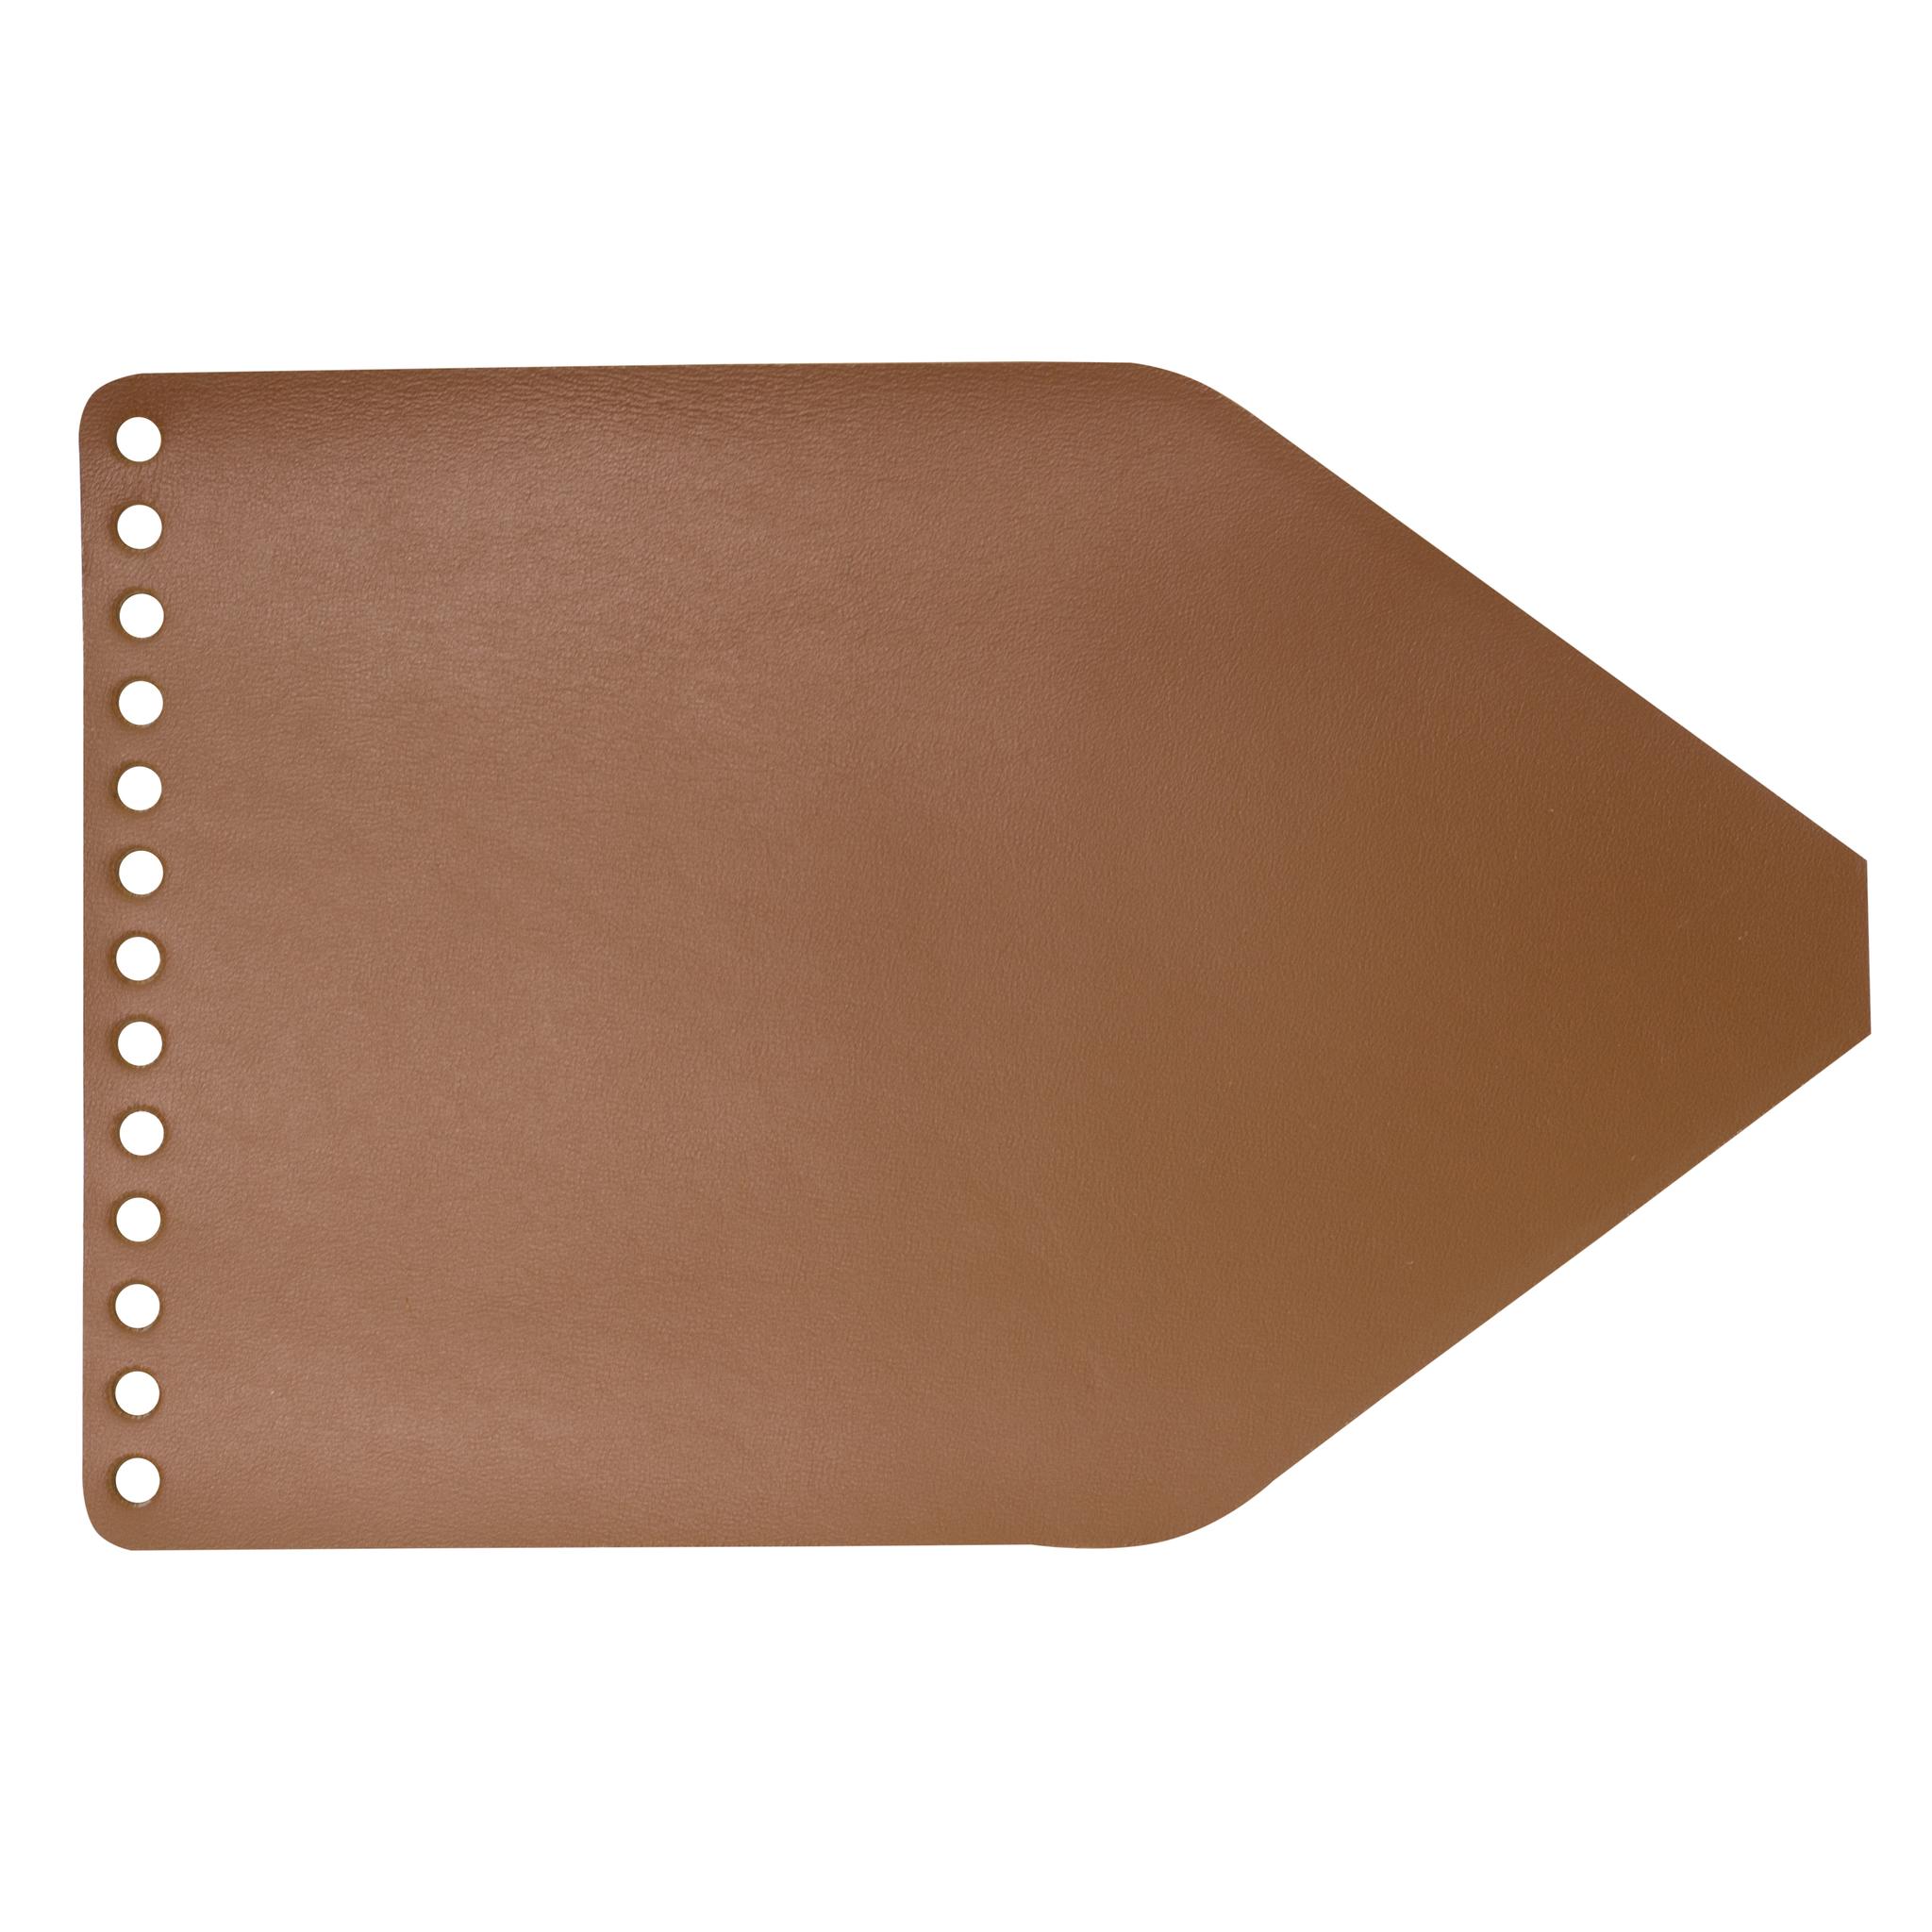 """Кожаная фурнитура Клапан для рюкзачка кожаный """"Какао"""" IMG_9752.jpg"""